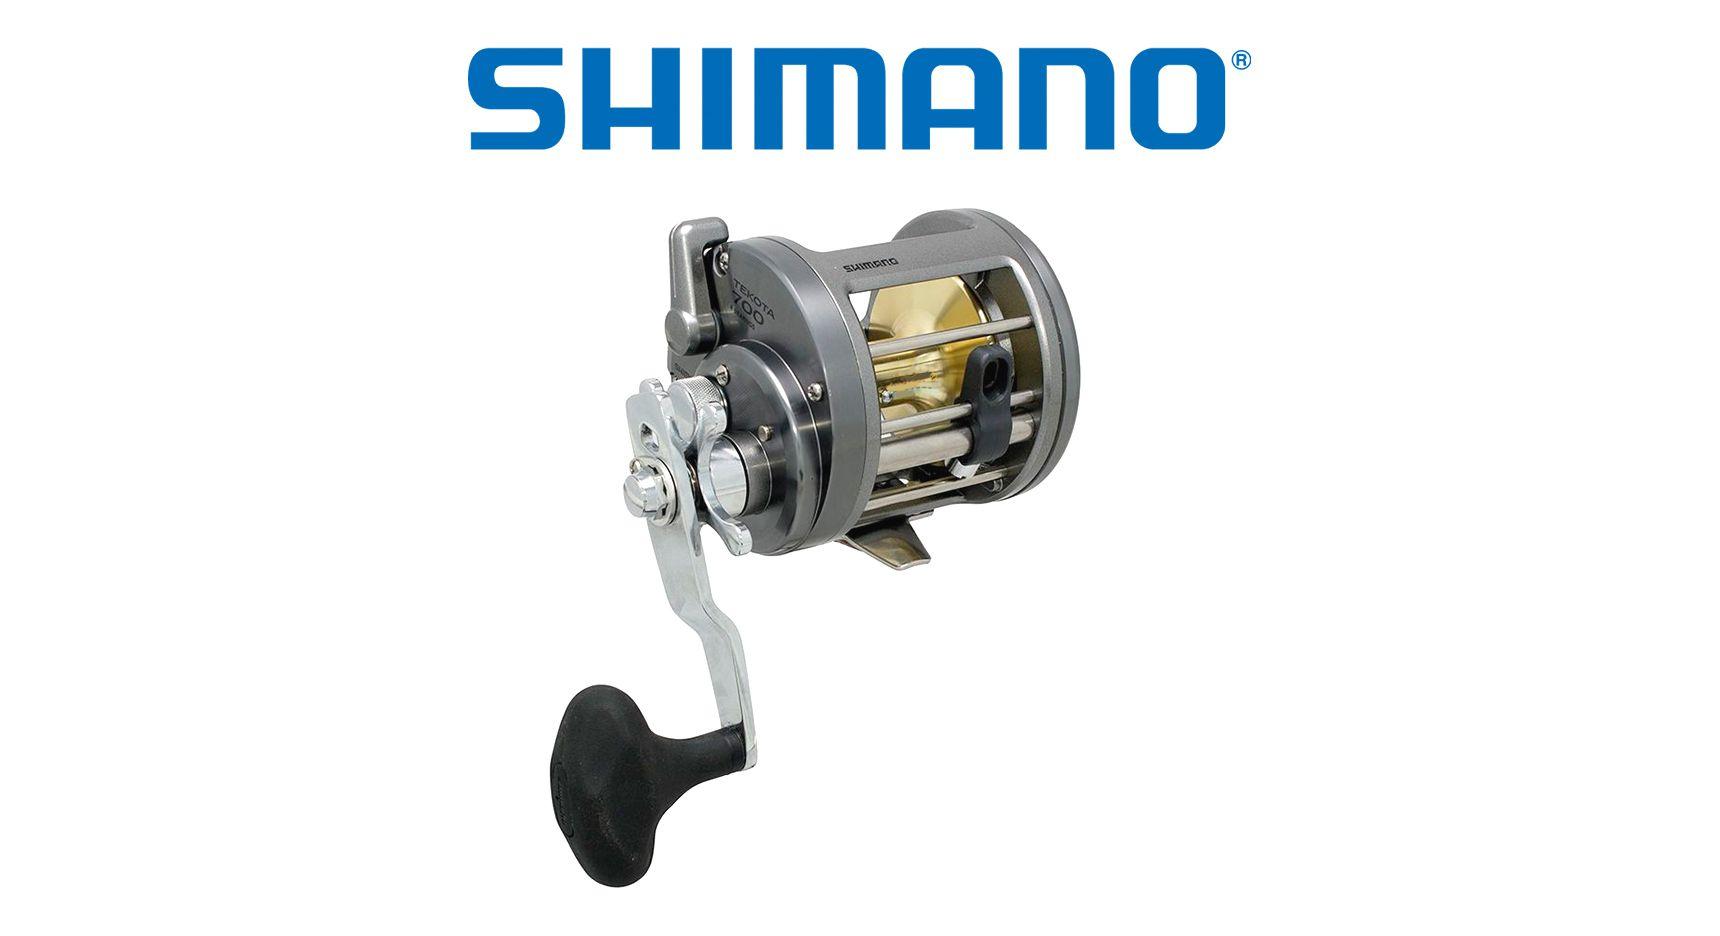 Carretilha Shimano Tekota 700 - Perfil Alto  - Life Pesca - Sua loja de Pesca, Camping e Lazer